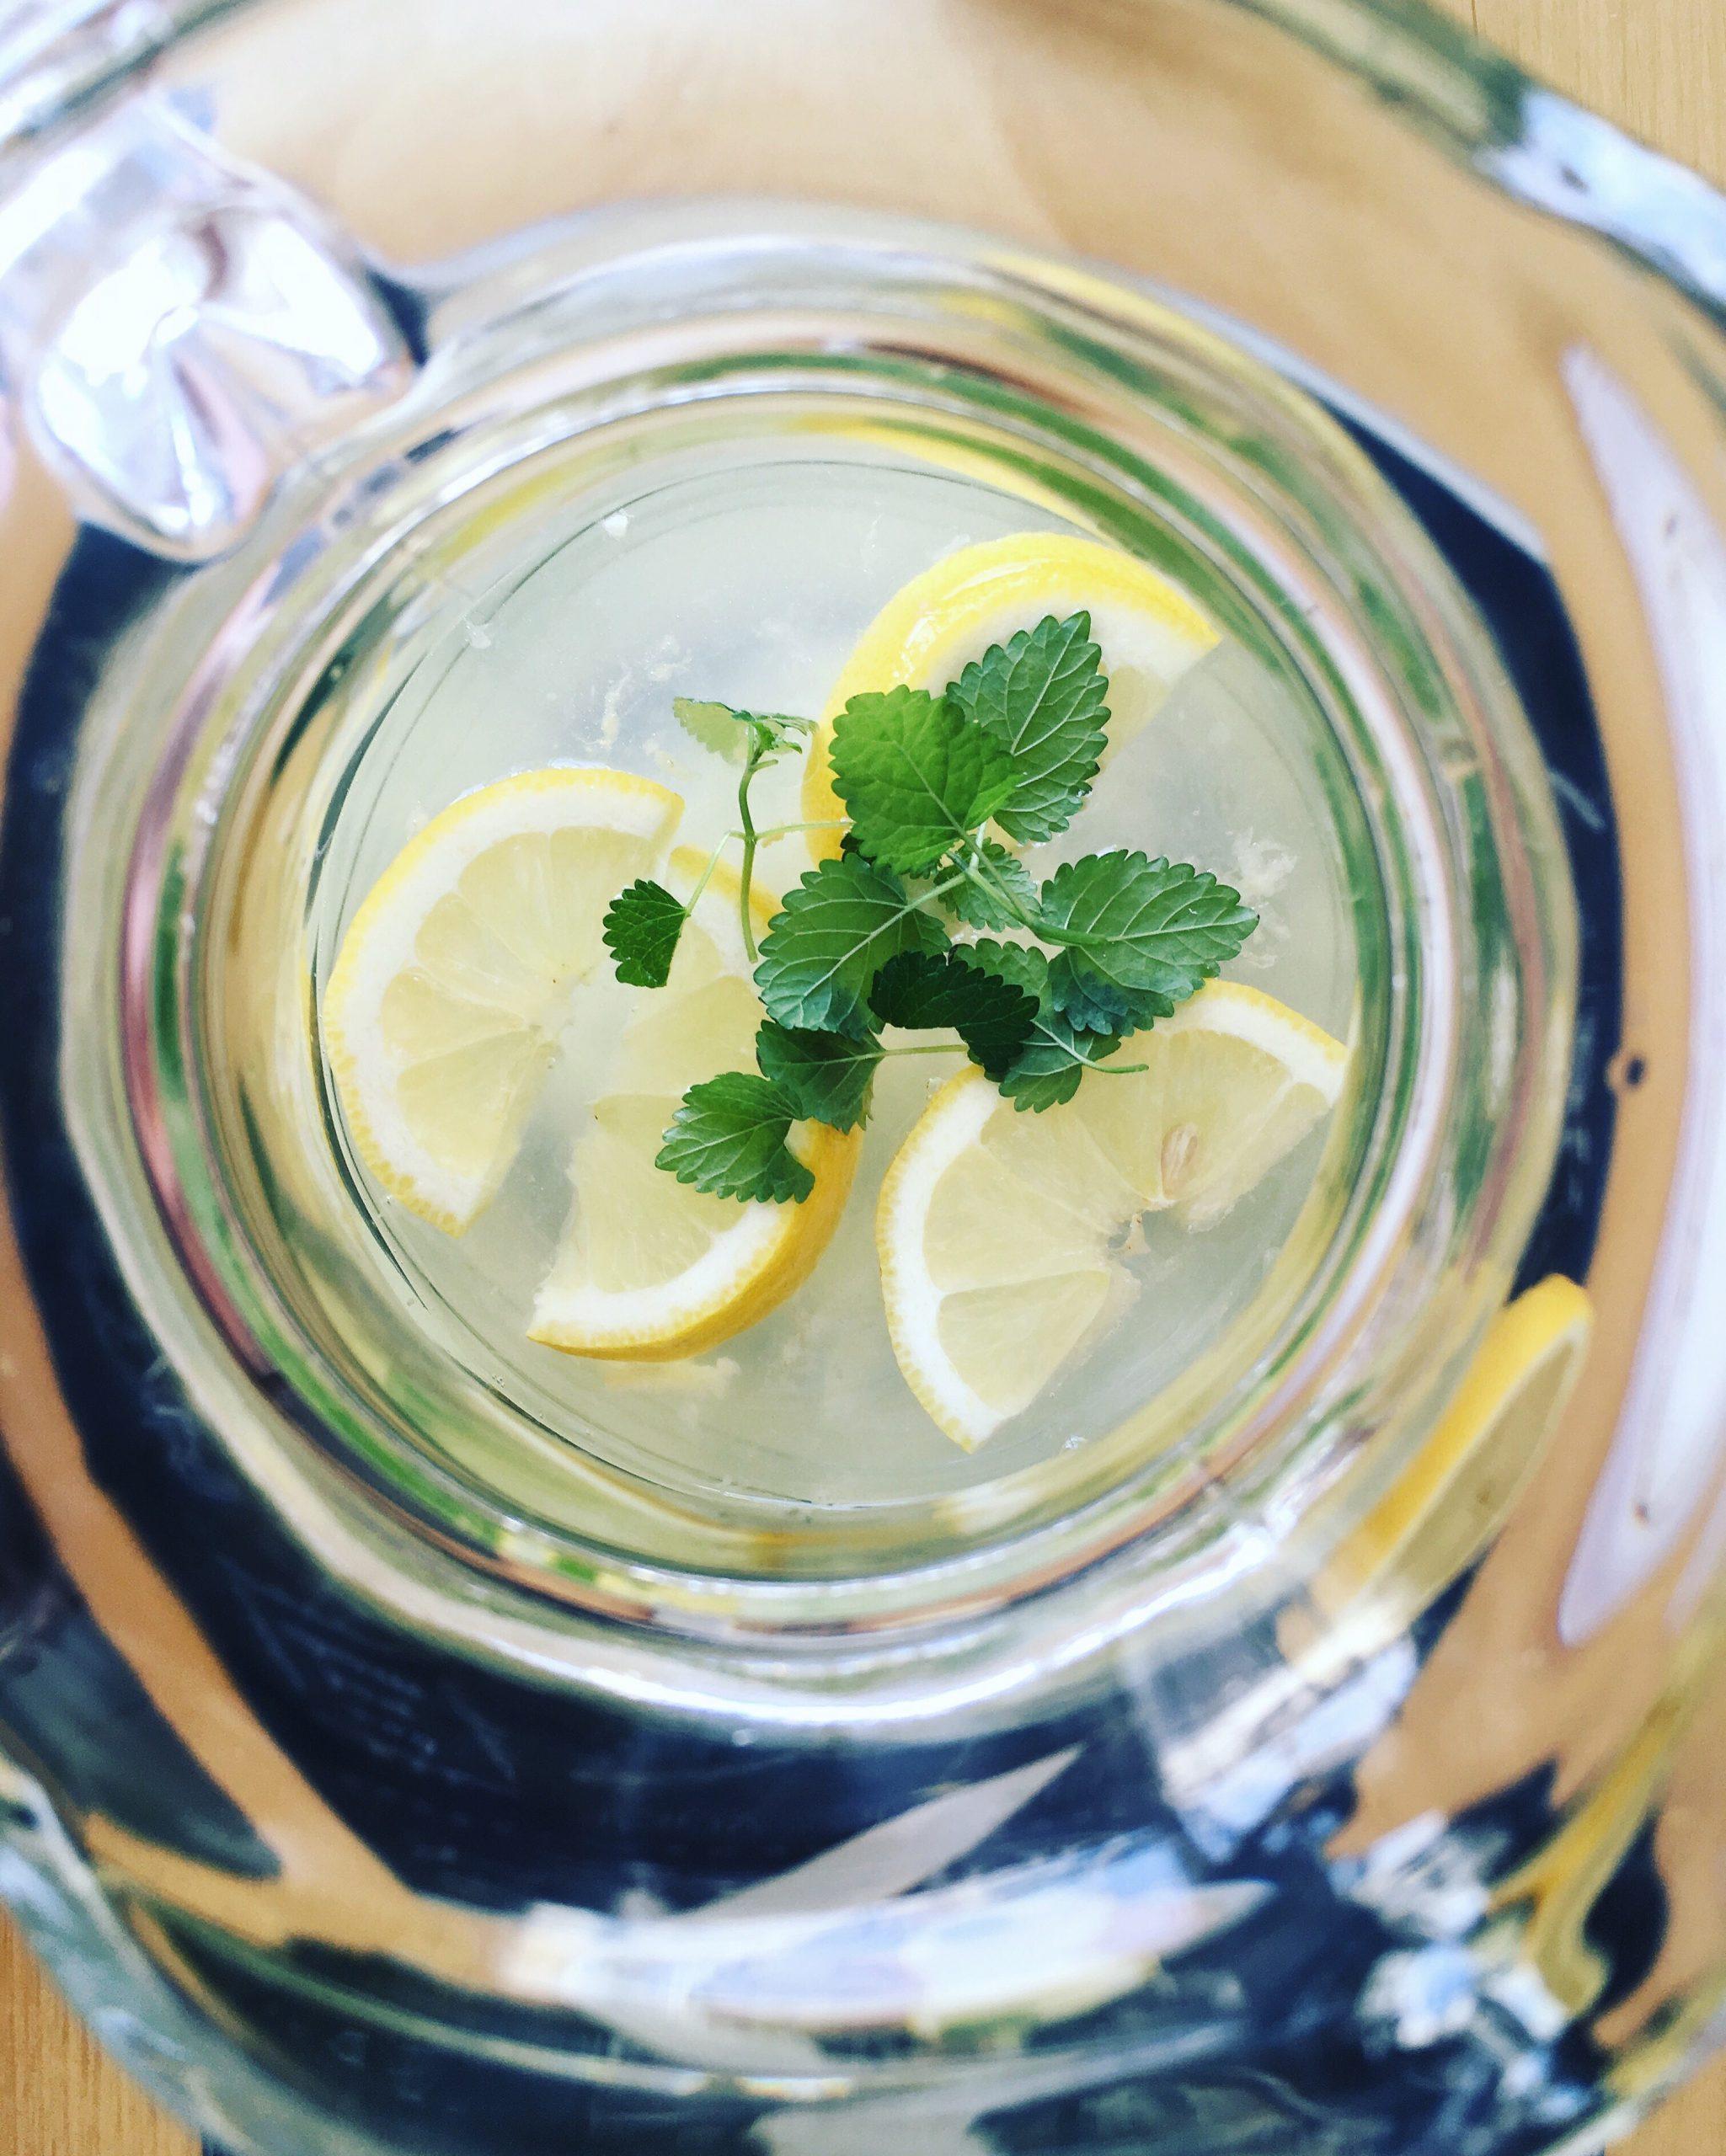 bio&bio organic ginger cejlonski cimet ceylon helathy food zdravo čaj tea homedecor decor lemnon detoksikacija